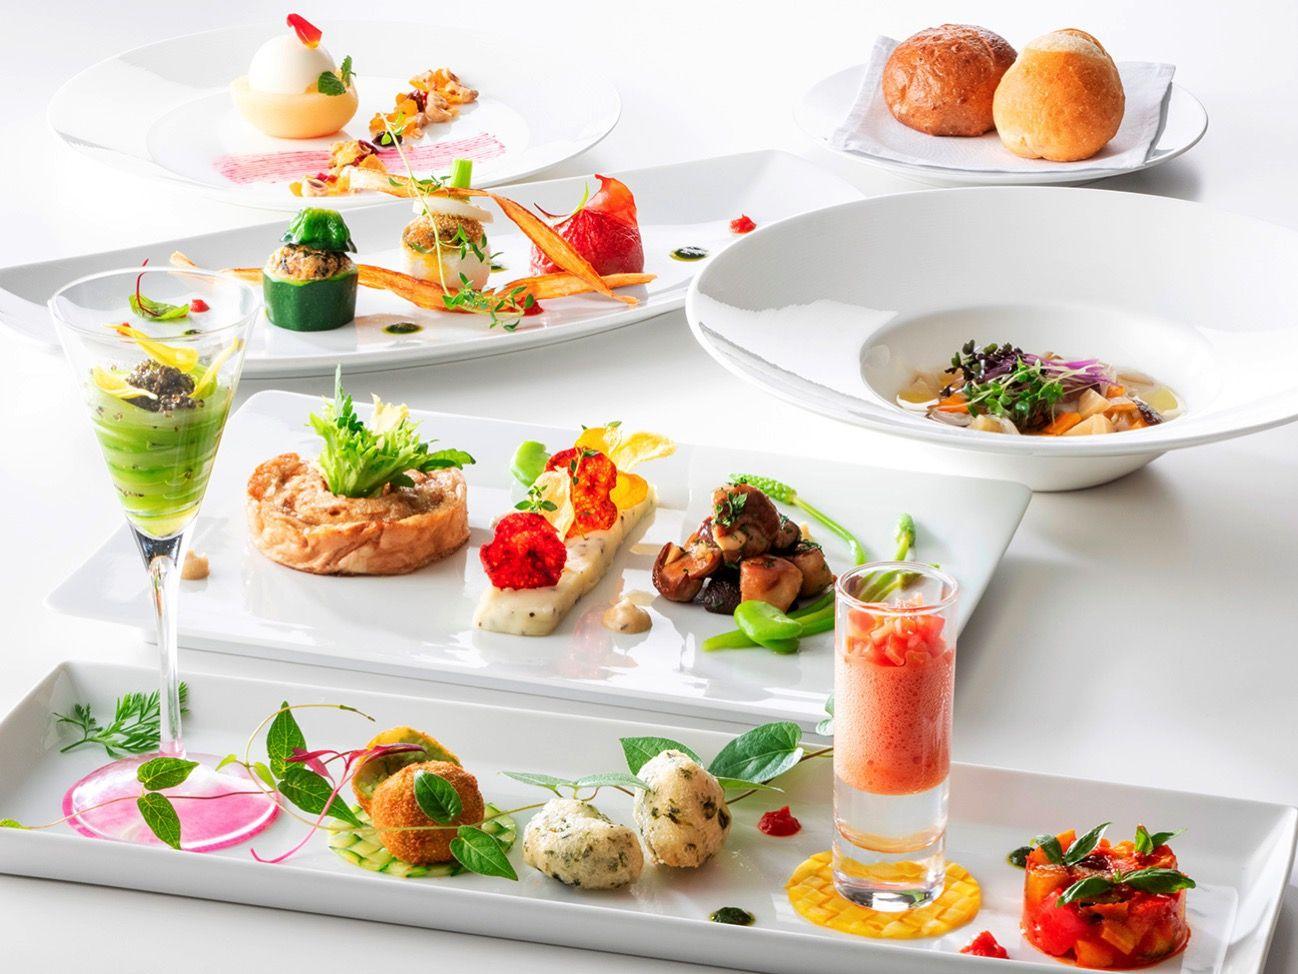 フランス料理 アジュール 横浜のインターコンチネンタル ホテル ベジタリアンメニューを通年提供 Xmasディナー 料理 レシピ ケータリング料理